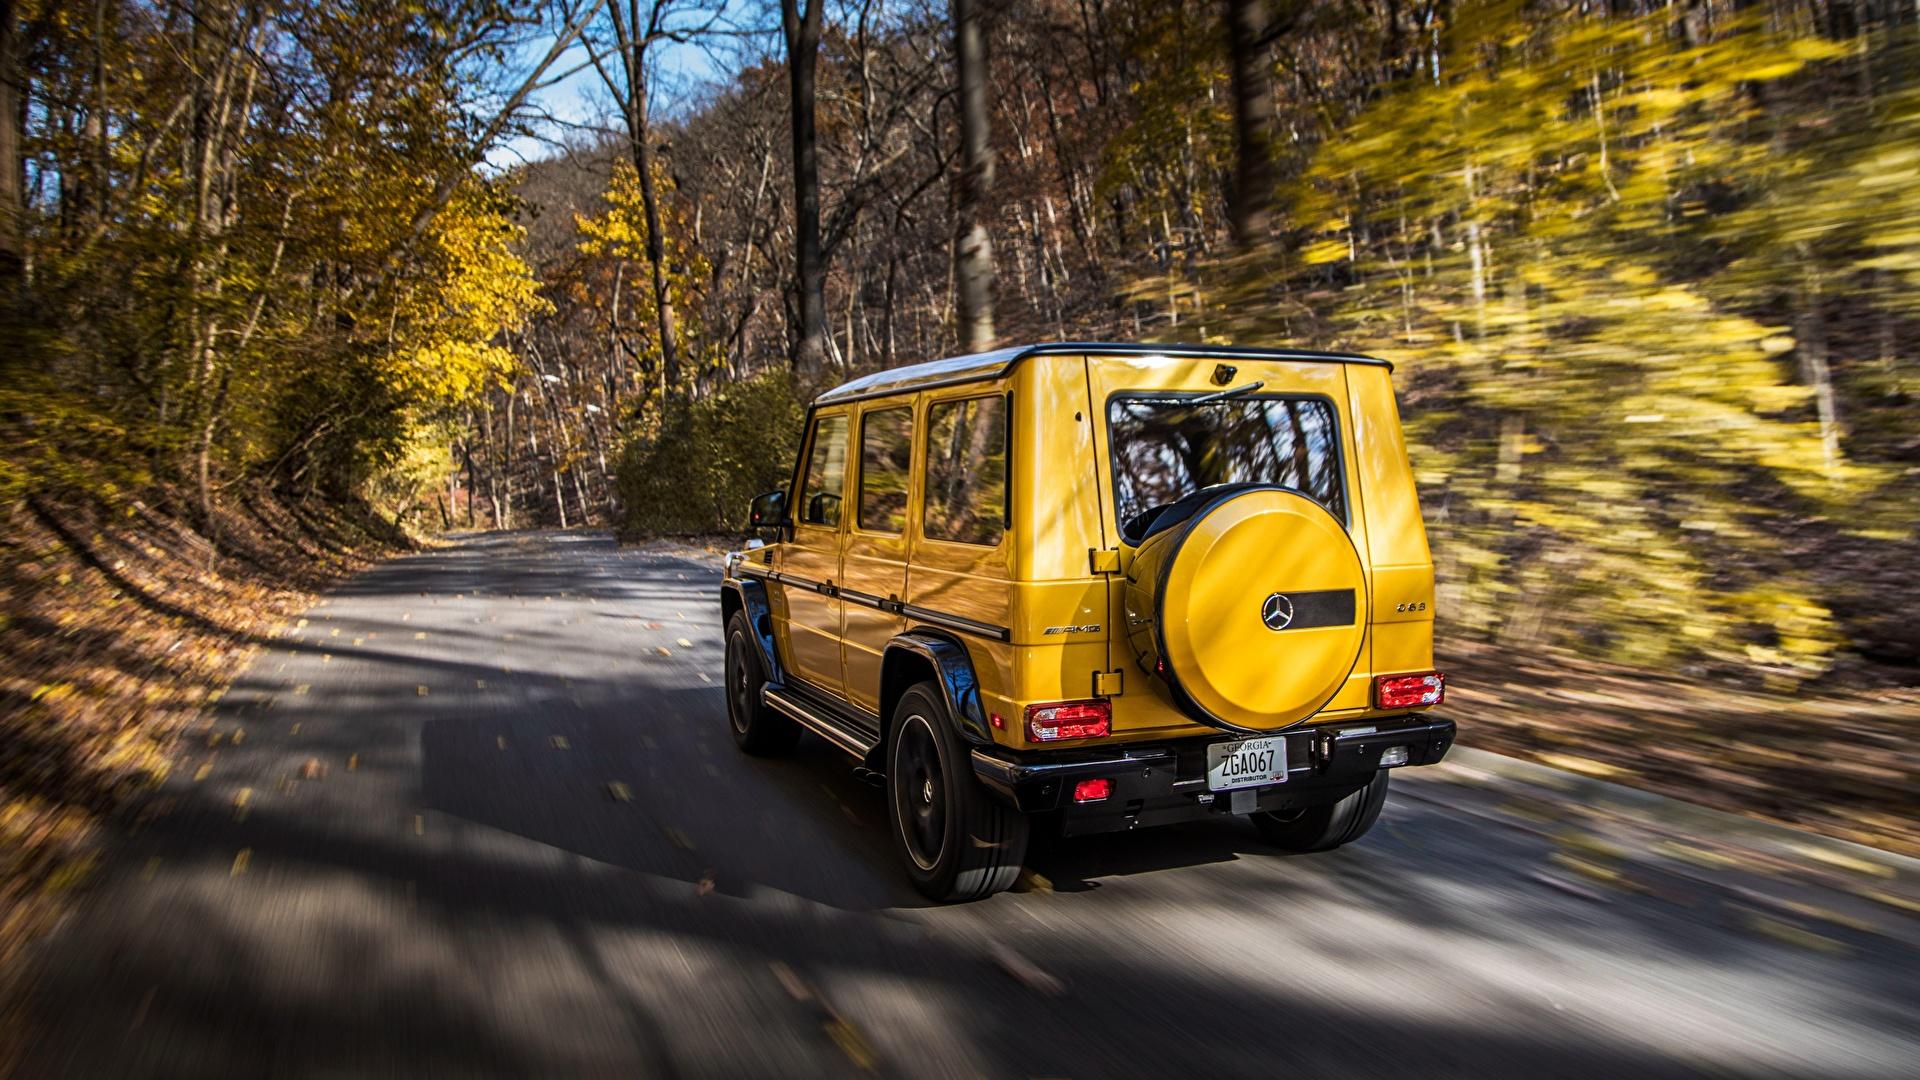 Картинки Mercedes-Benz G-класс AMG G63 2017 Colour Edition желтых скорость авто Сзади 1920x1080 Мерседес бенц гелентваген Желтый желтые желтая едет едущий едущая Движение машина машины вид сзади автомобиль Автомобили